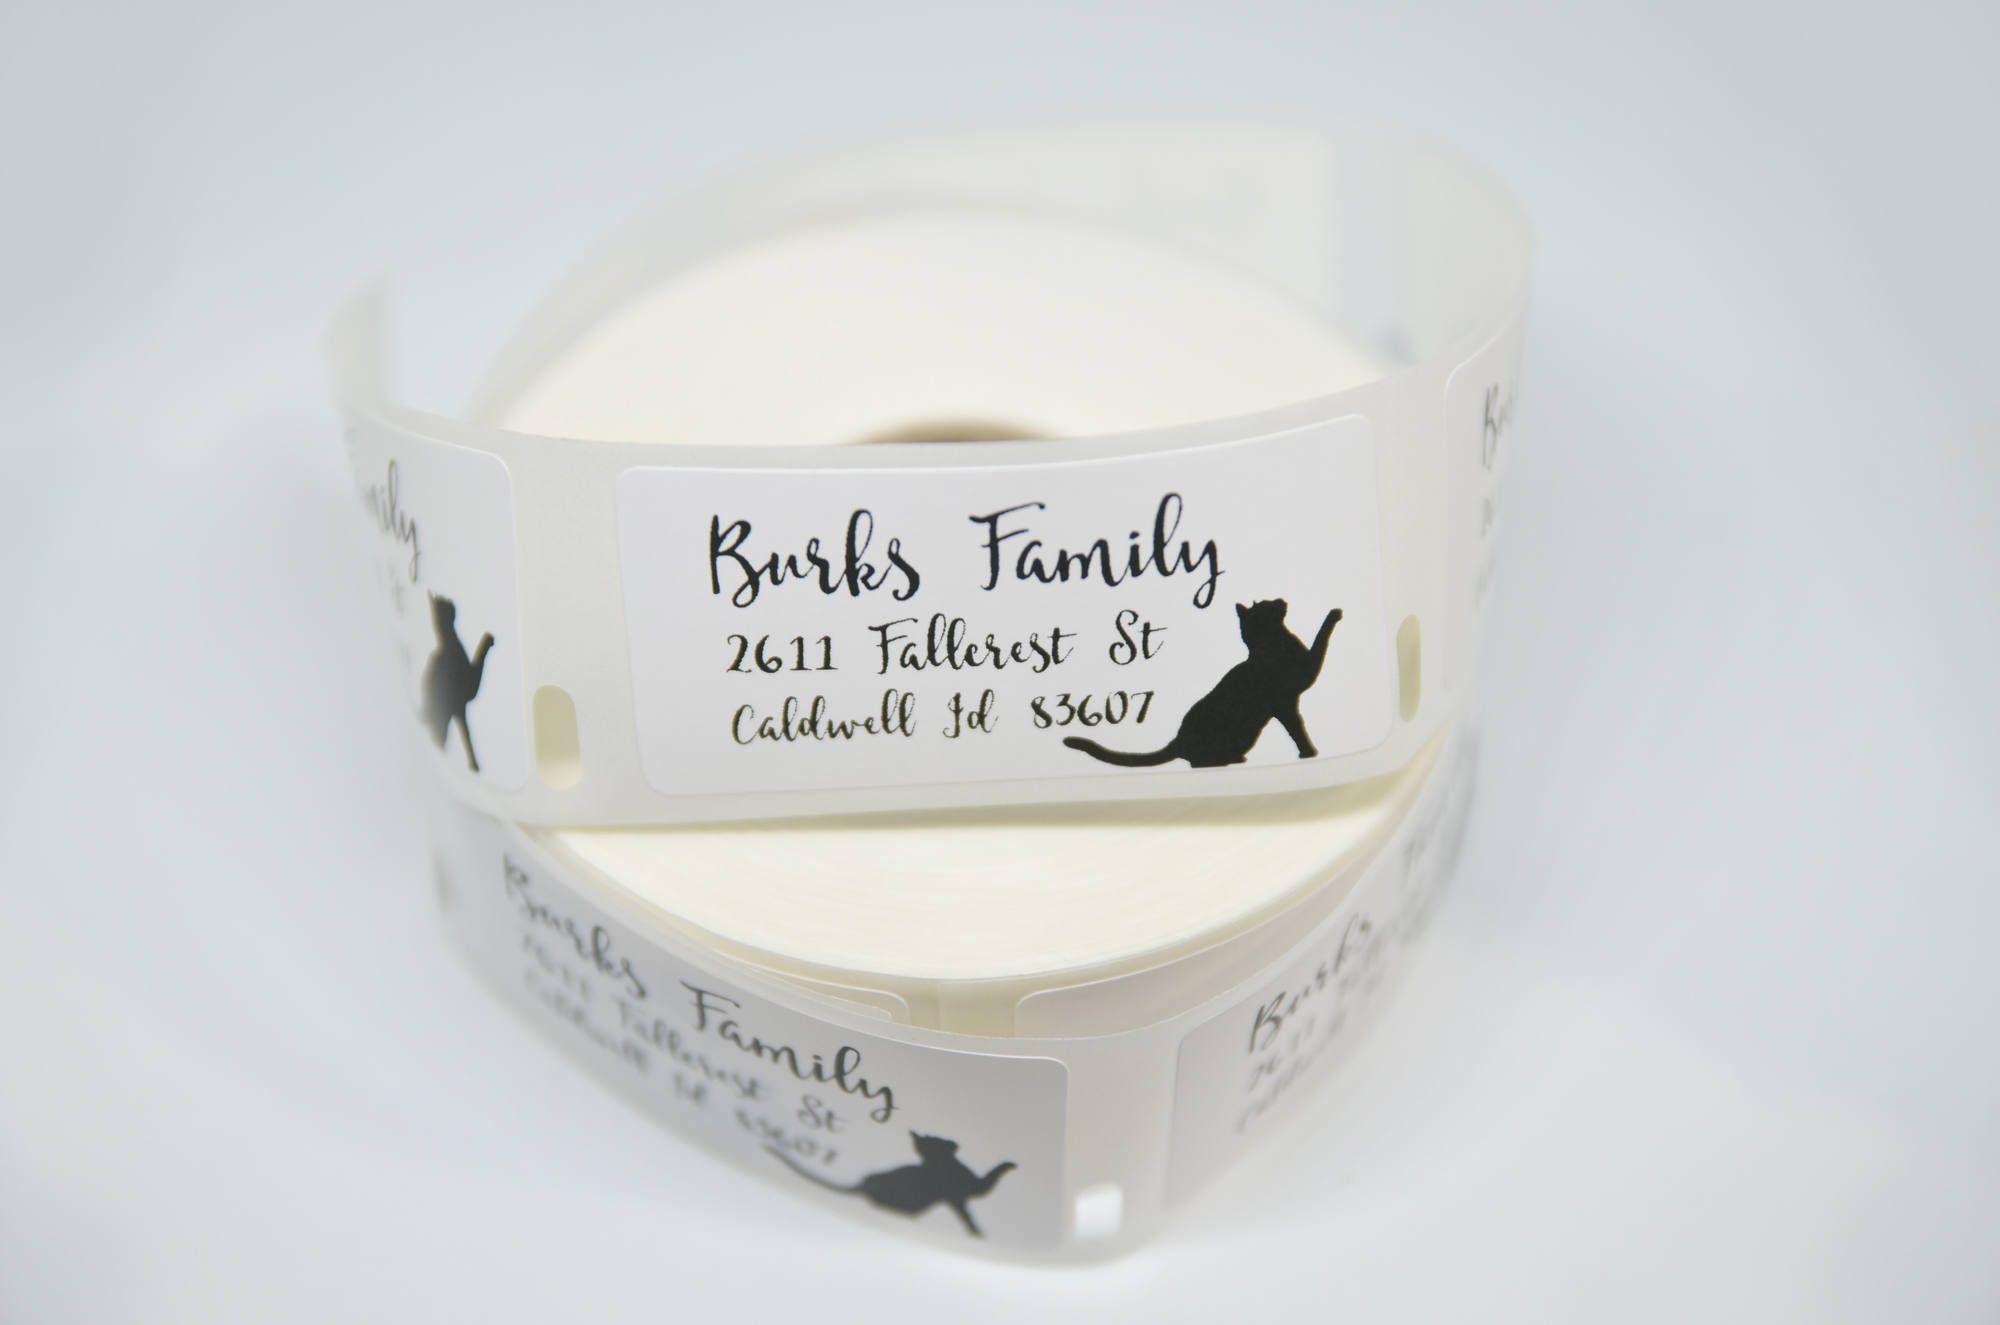 100 250 500 black cat return address labels 1 x 2 stickers bill